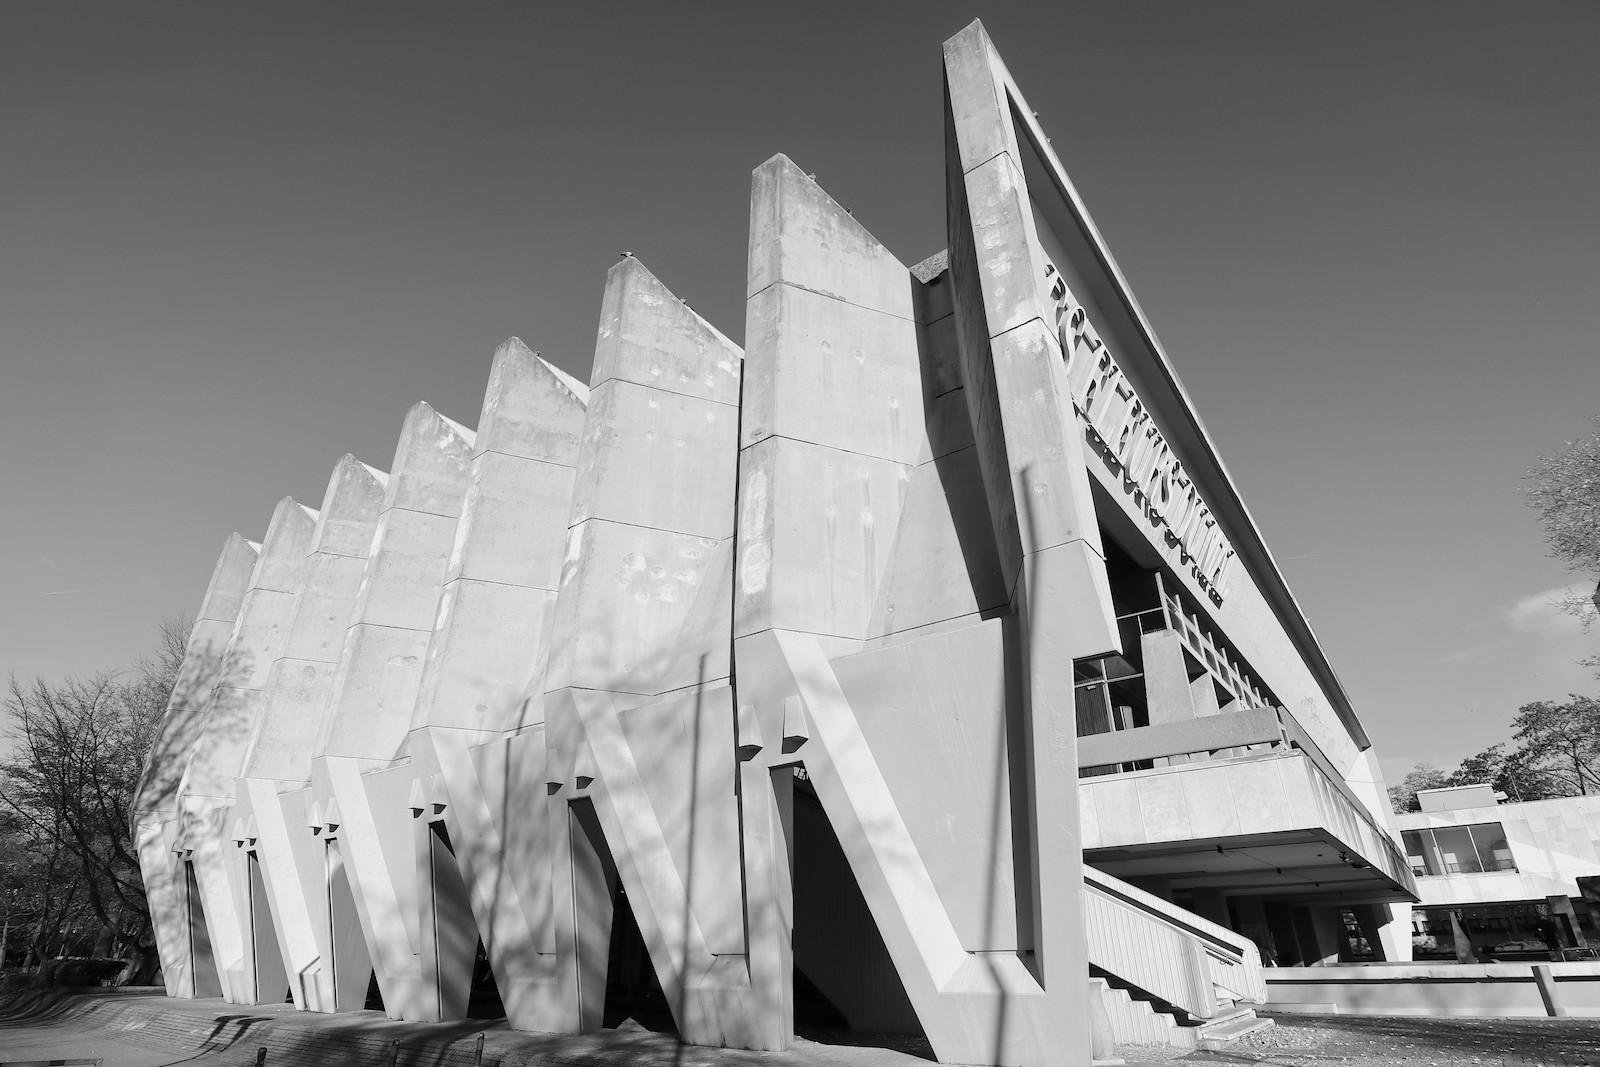 Skulpturenmuseum Glaskasten. An dem Wettbewerb für die Bebauung des Areals nahmen u. a. auch Arne Jacobsen und Hans Scharoun teil.